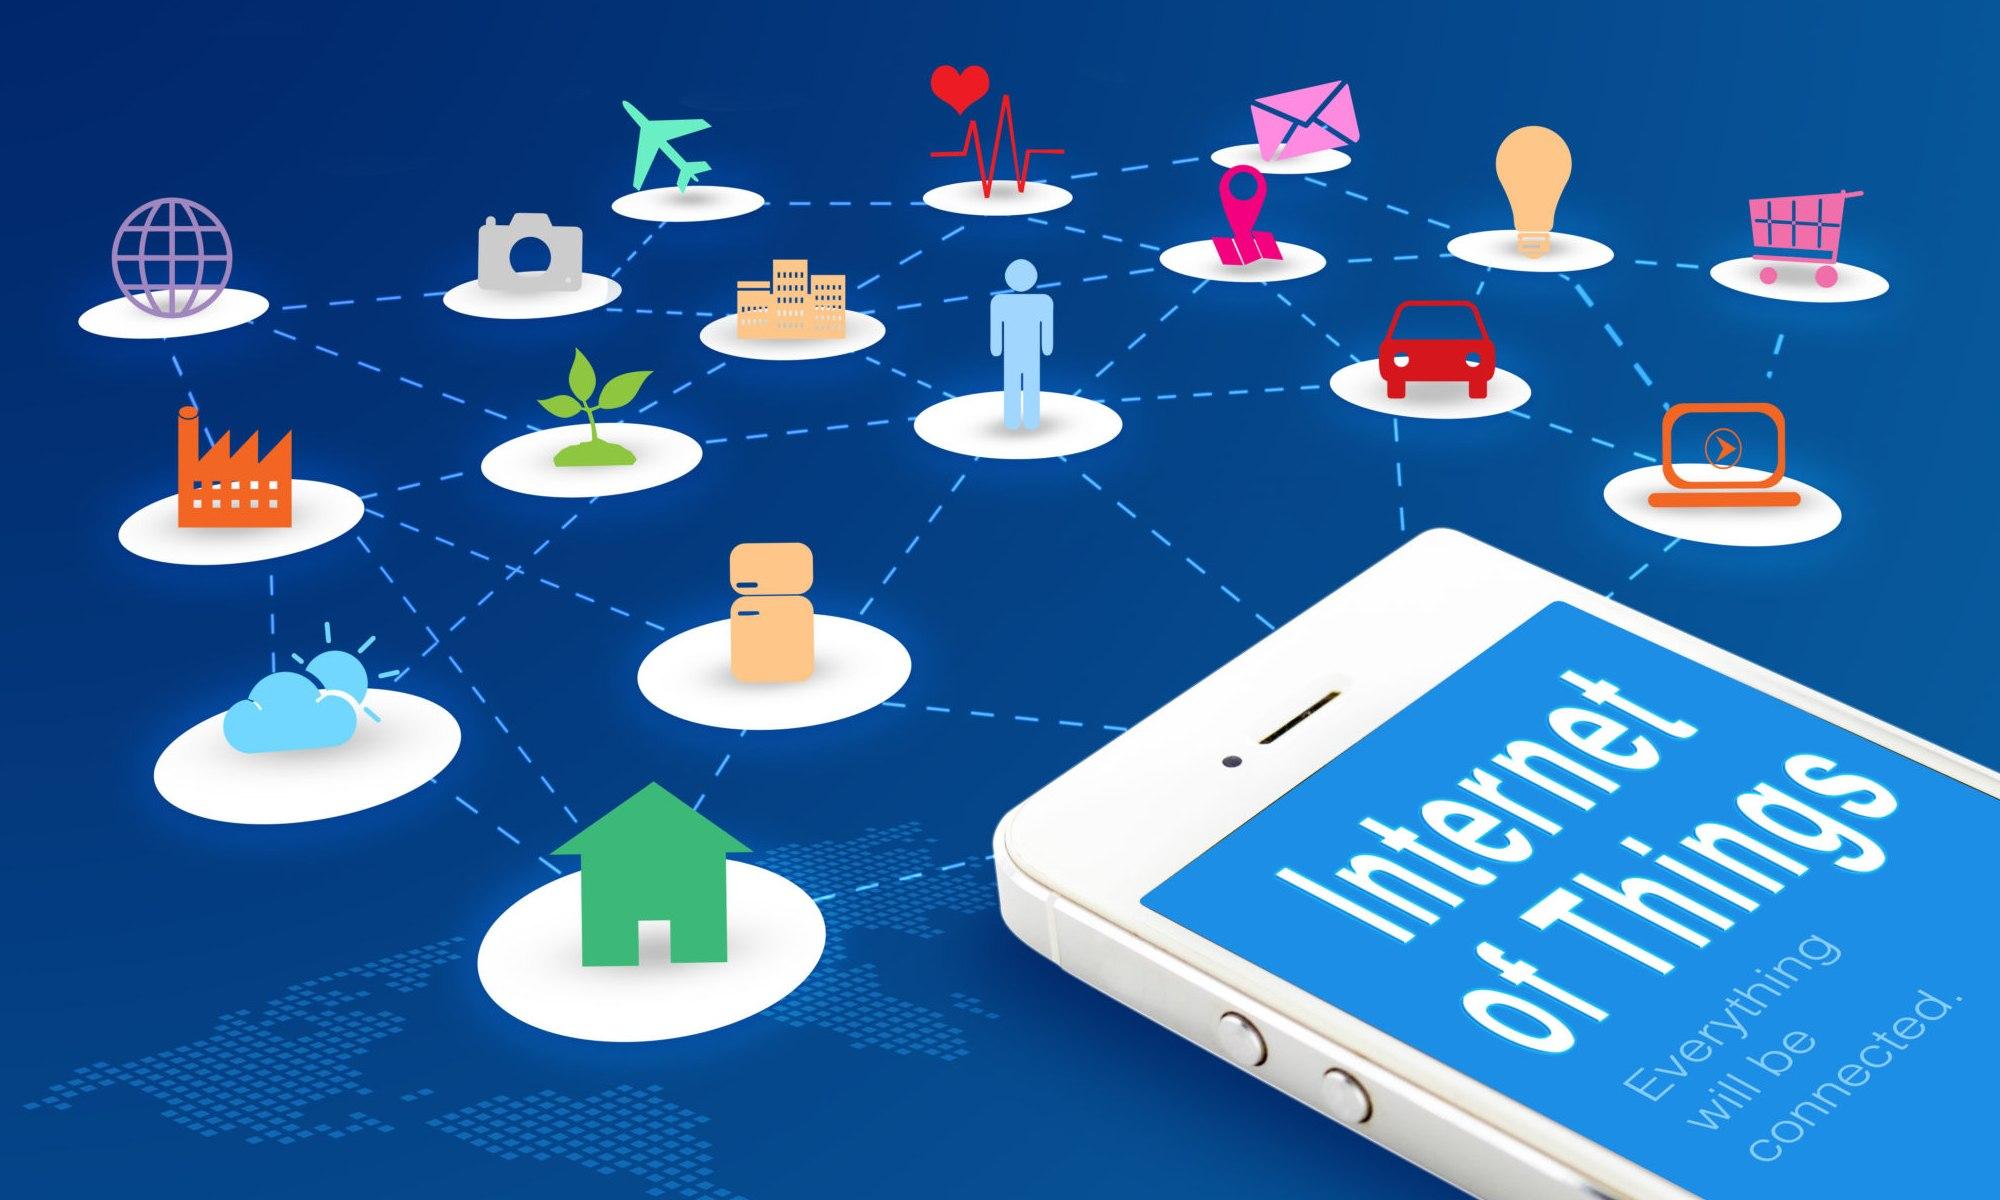 Интернет вещей в яндекс.облаке: как устроены сервисы yandex iot core и yandex cloud functions / блог компании яндекс / хабр